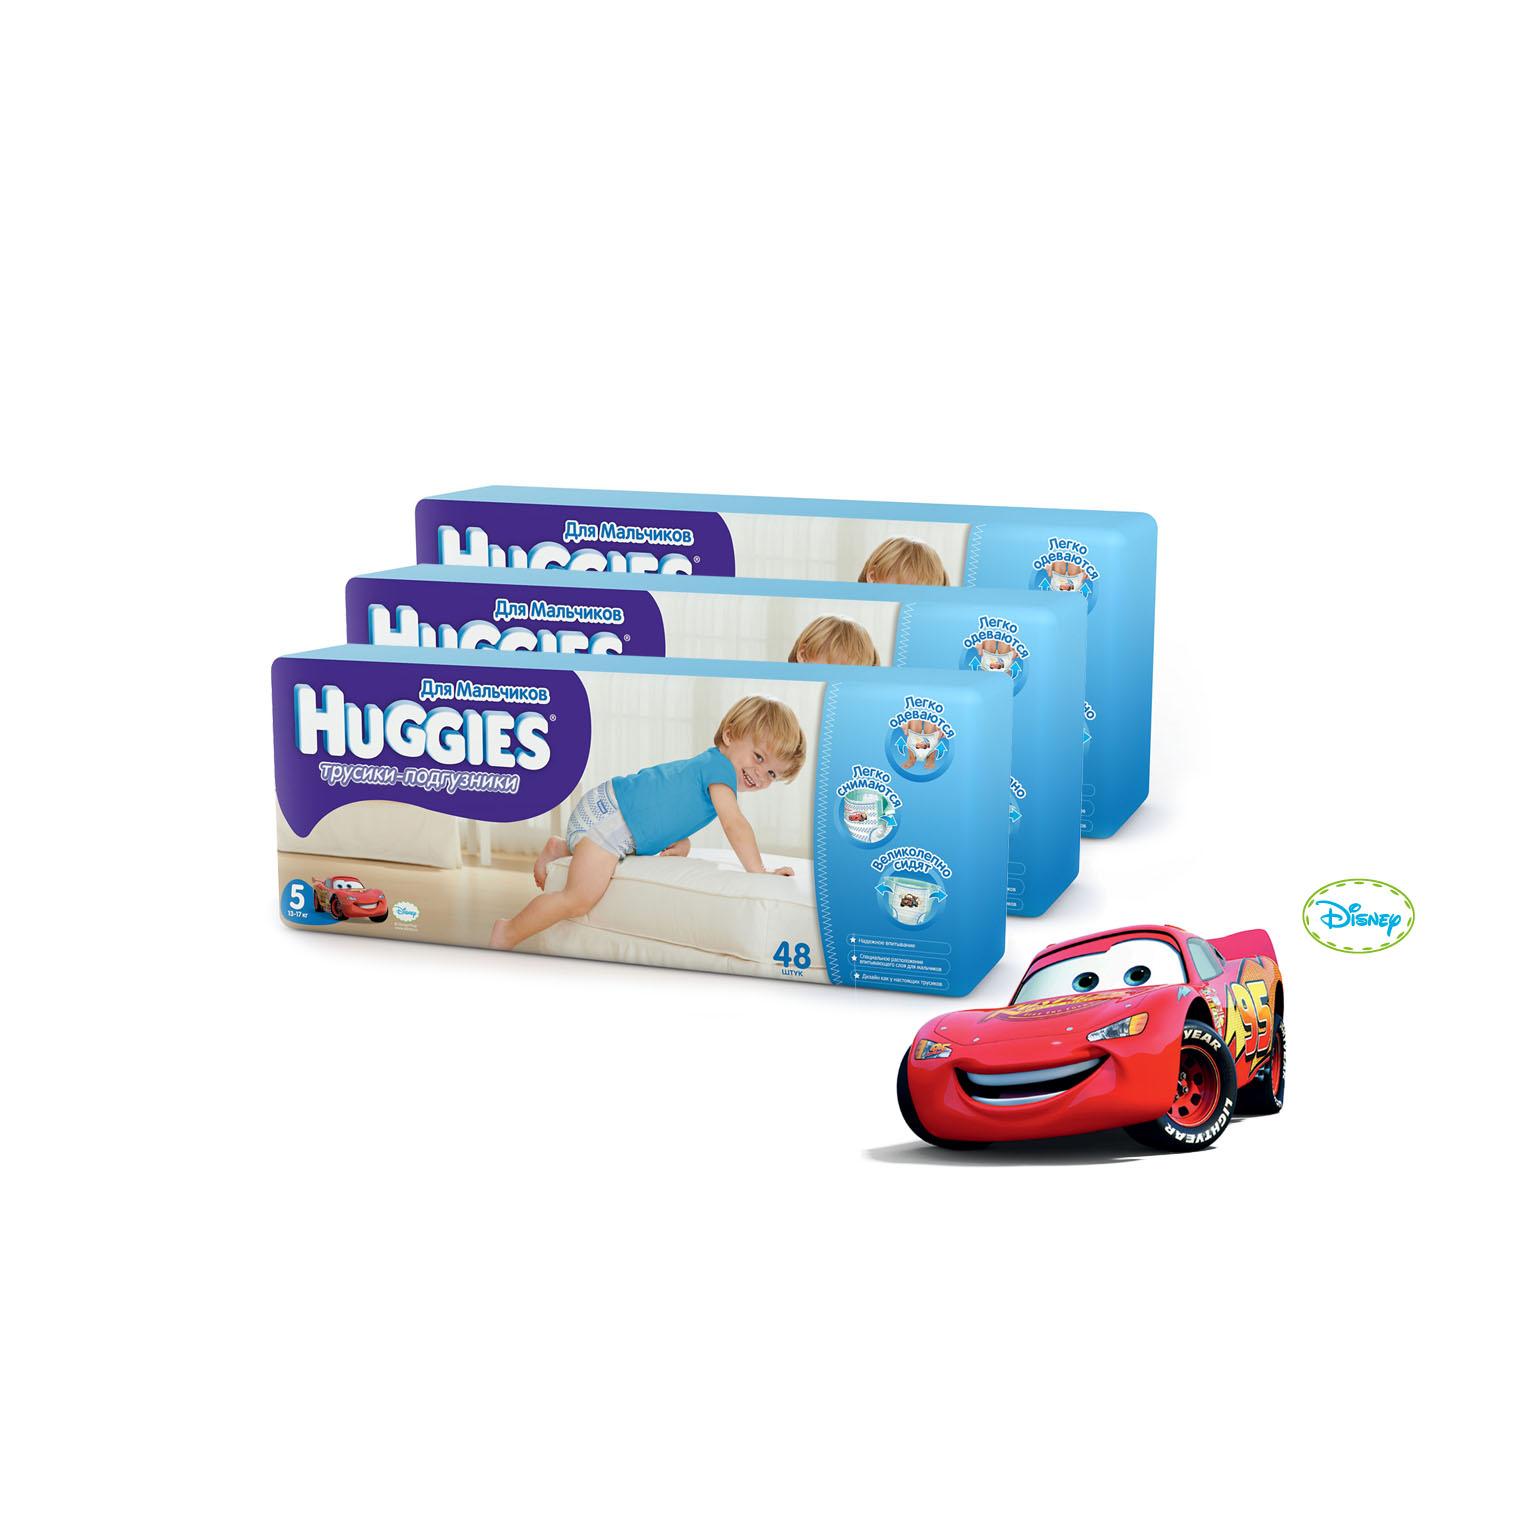 Набор трусиков Huggies № 2 для подвижного малыша Размер 5